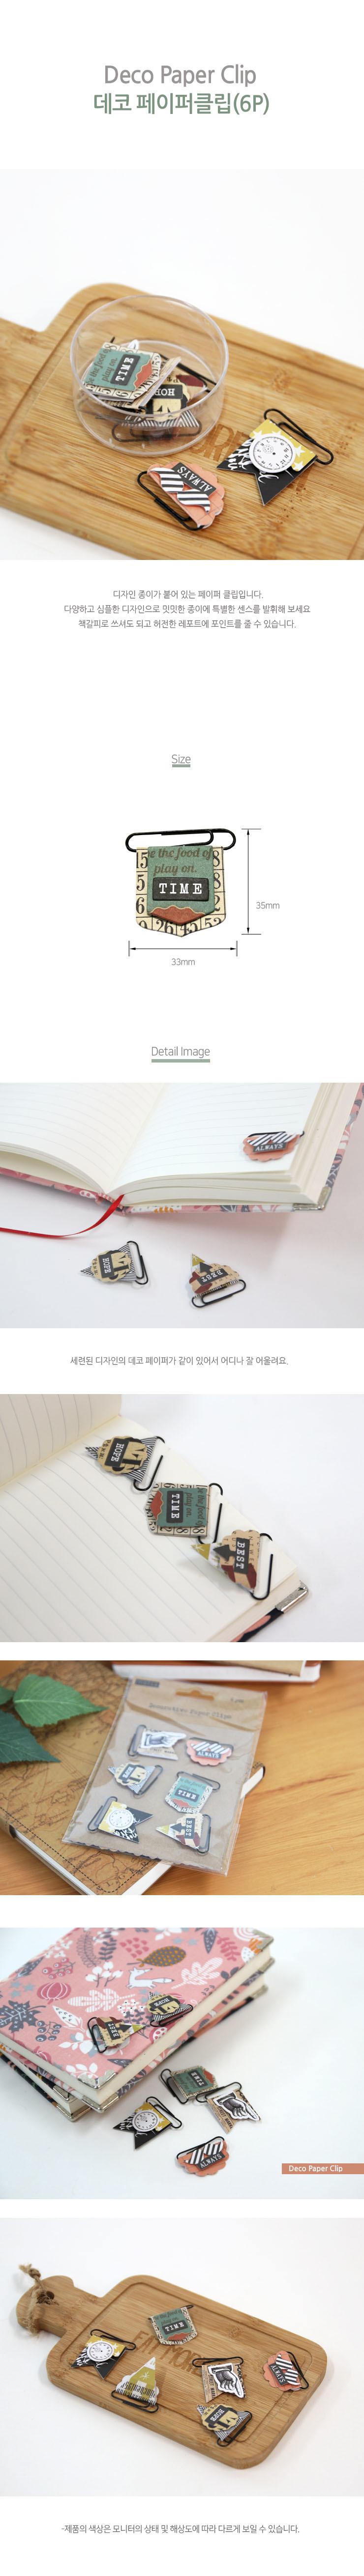 데코페이퍼 클립 6P - (주)경부, 2,000원, 독서용품, 북앤드